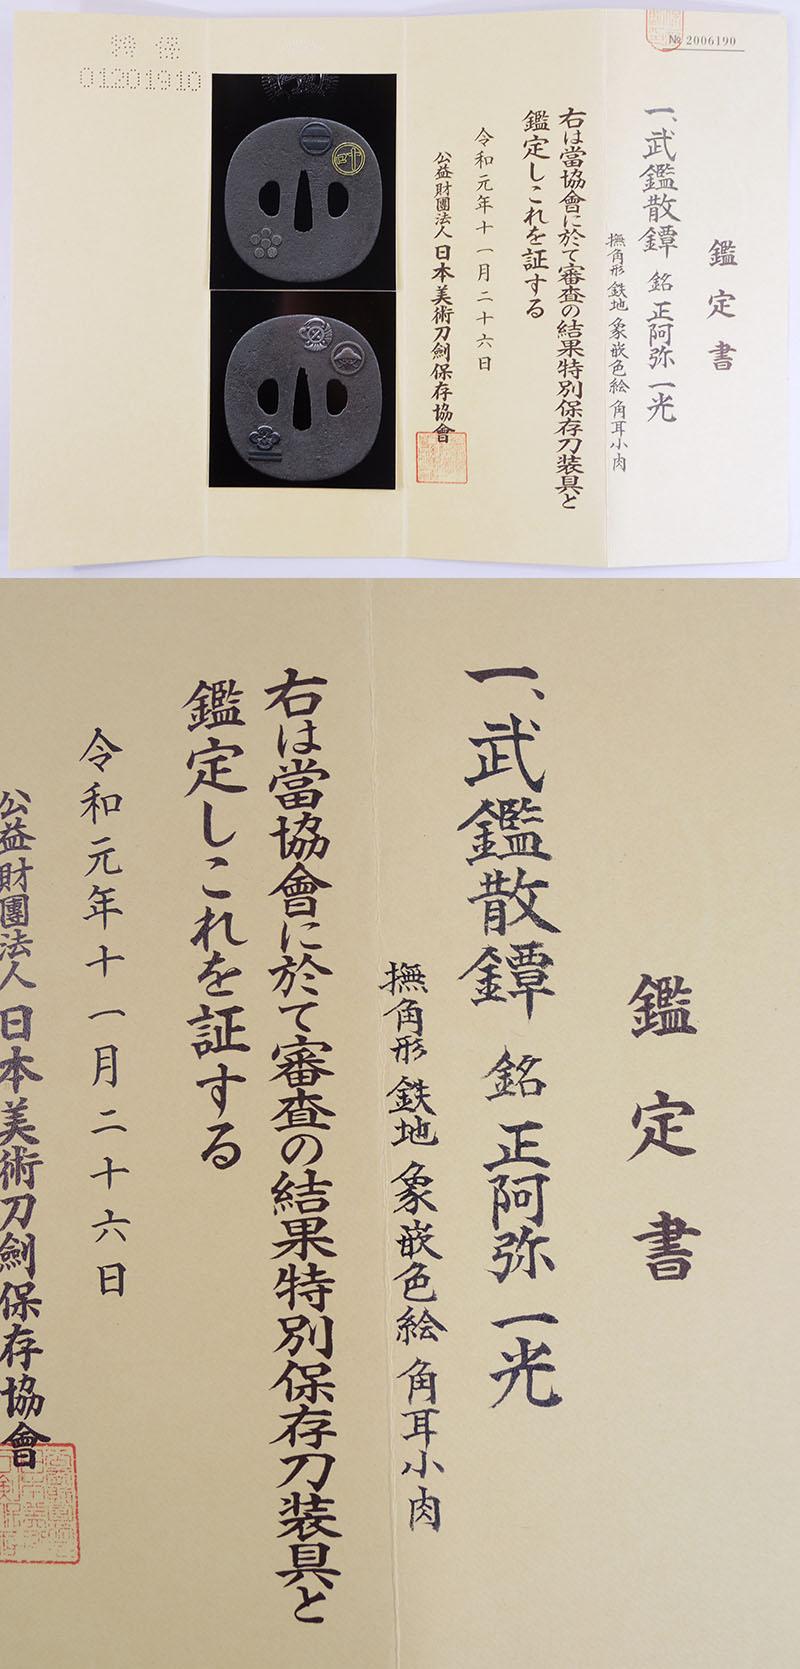 武艦散鍔 正阿弥一光 Picture of Certificate